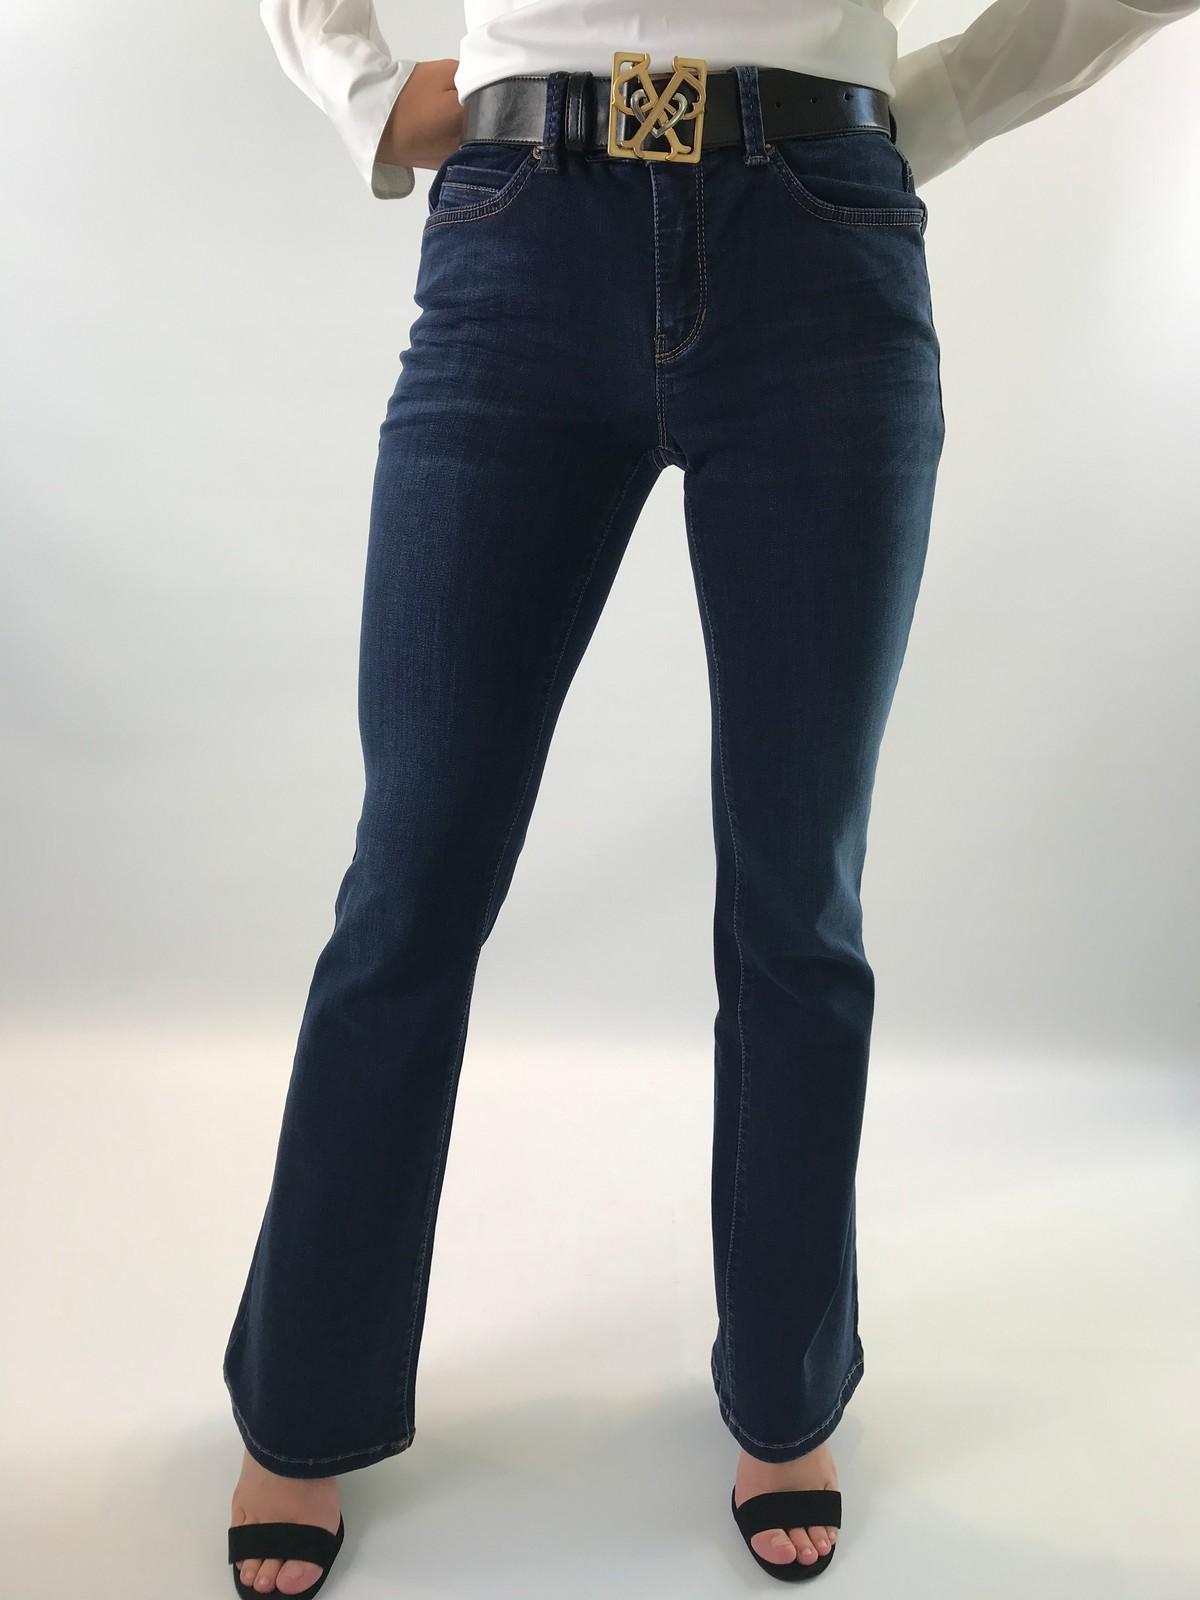 Cambio - Parla flared 9164 - Broek blauw - uitverkocht